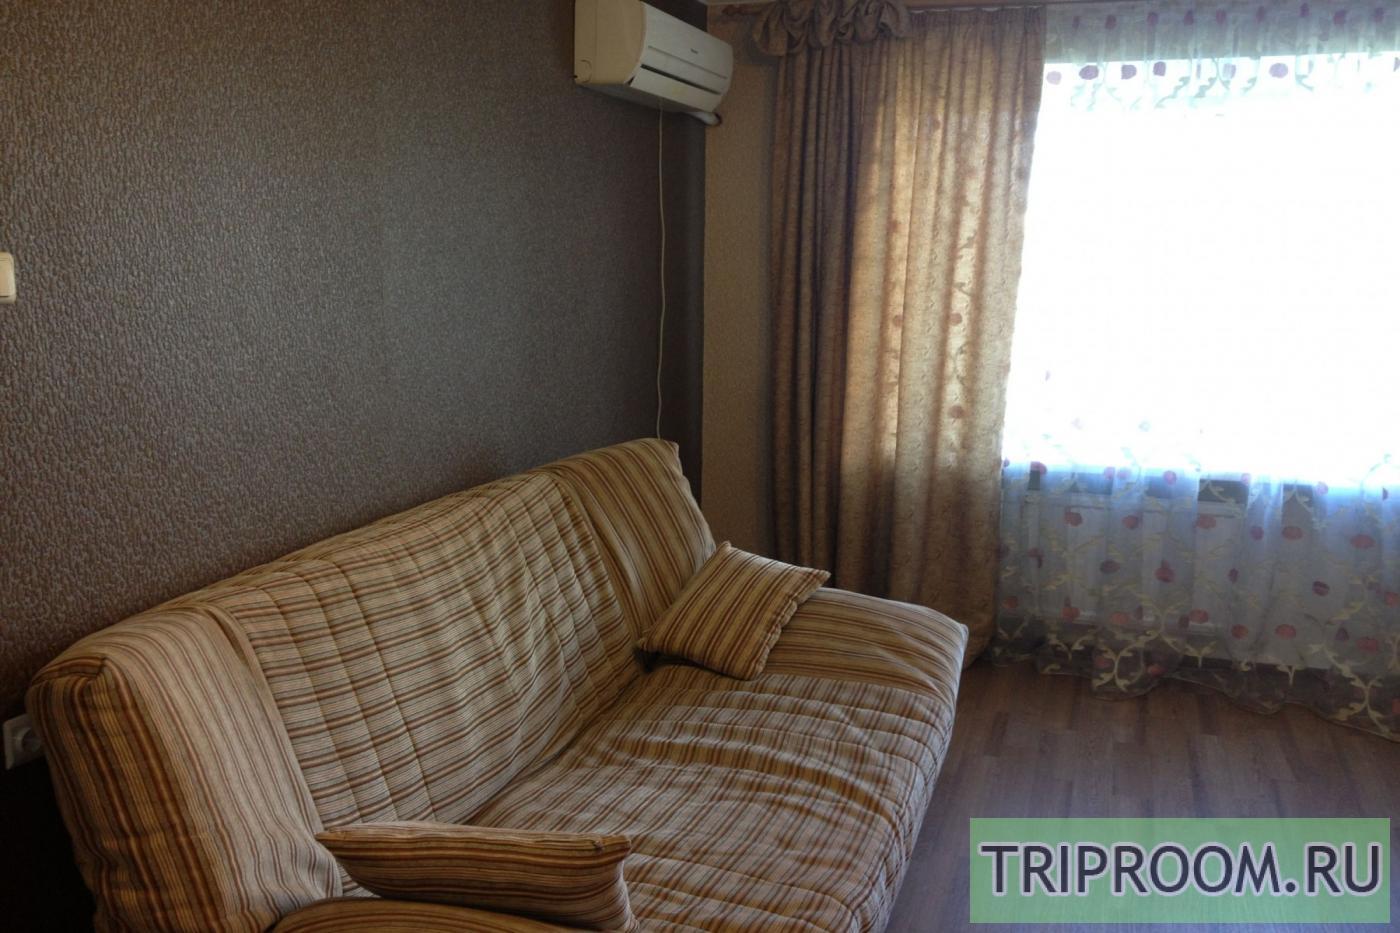 1-комнатная квартира посуточно (вариант № 23423), ул. переулок Кустарный, фото № 2